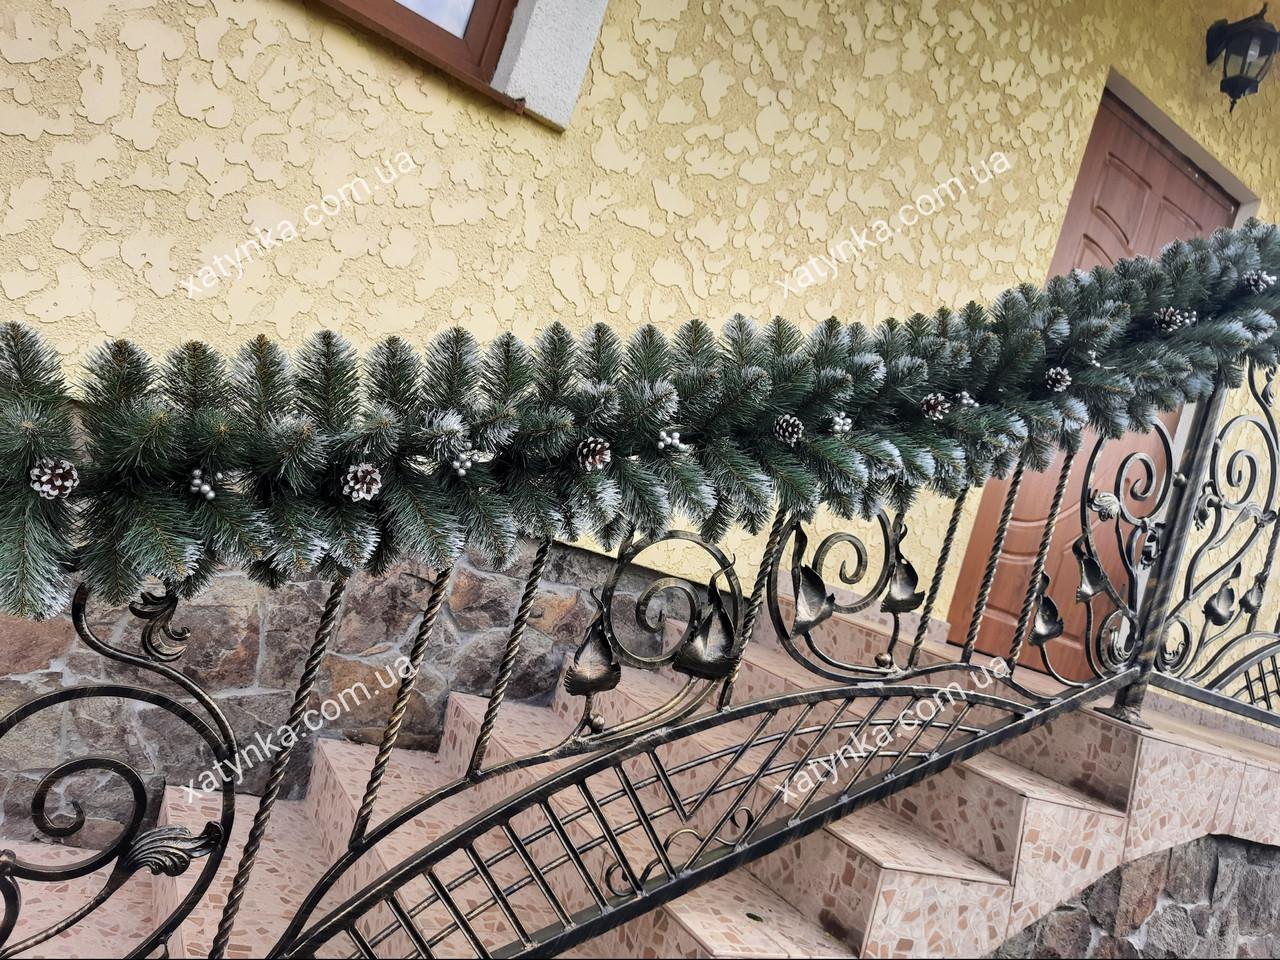 Гірлянда хвойна Кармен з срібними шишками і перлами 2.70 м / Ялинкова гілка / Ялинка штучна